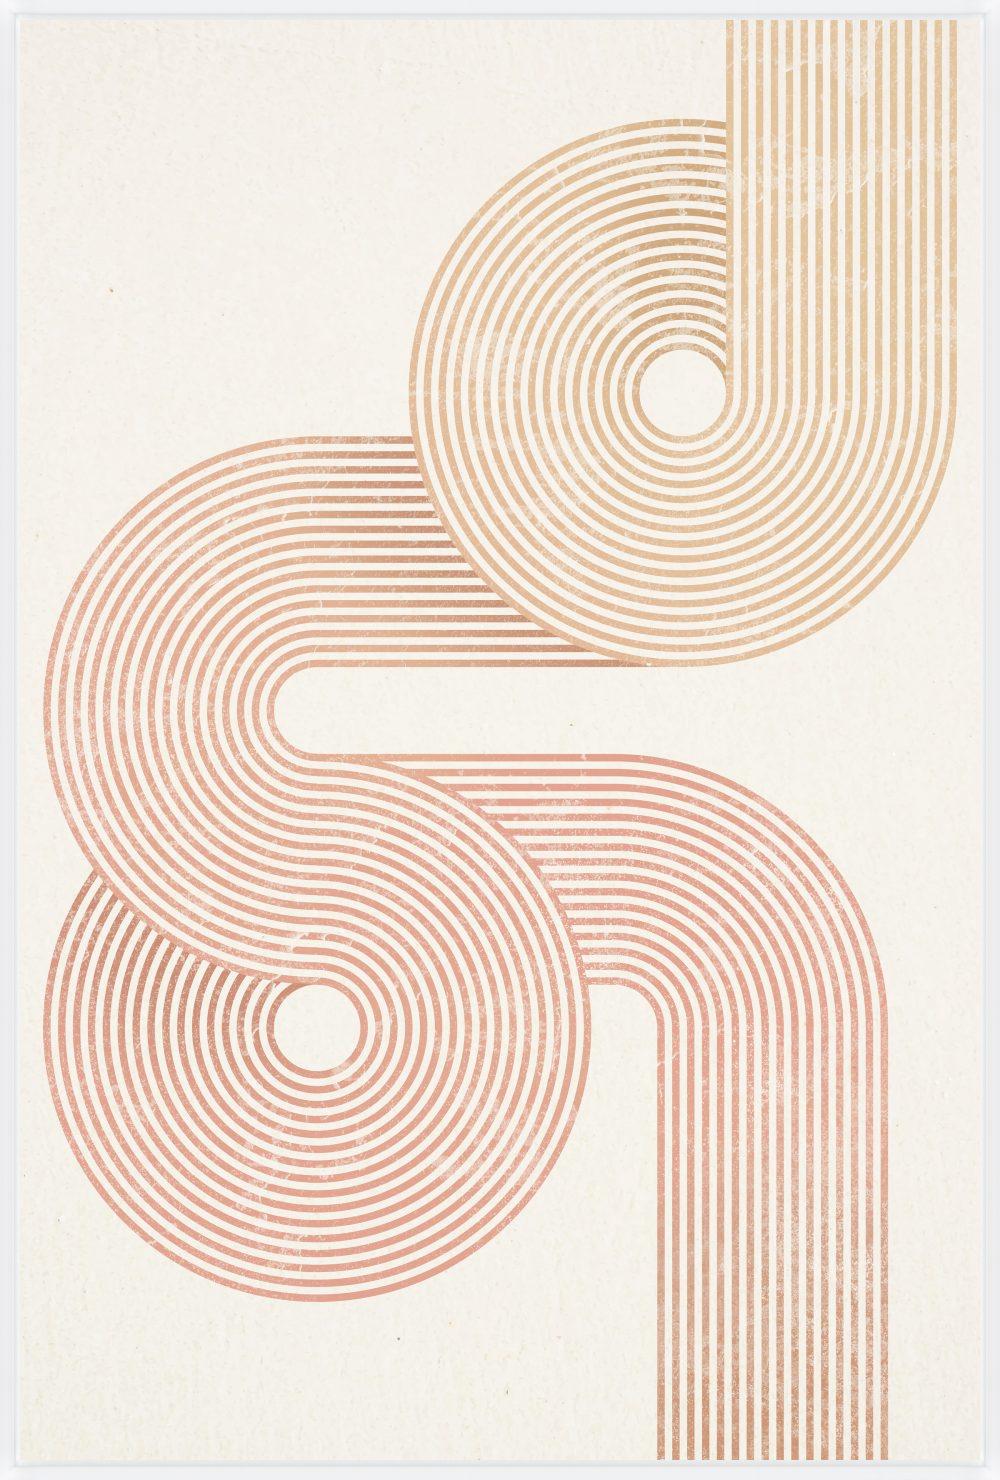 Thoroughfare II by David Brown